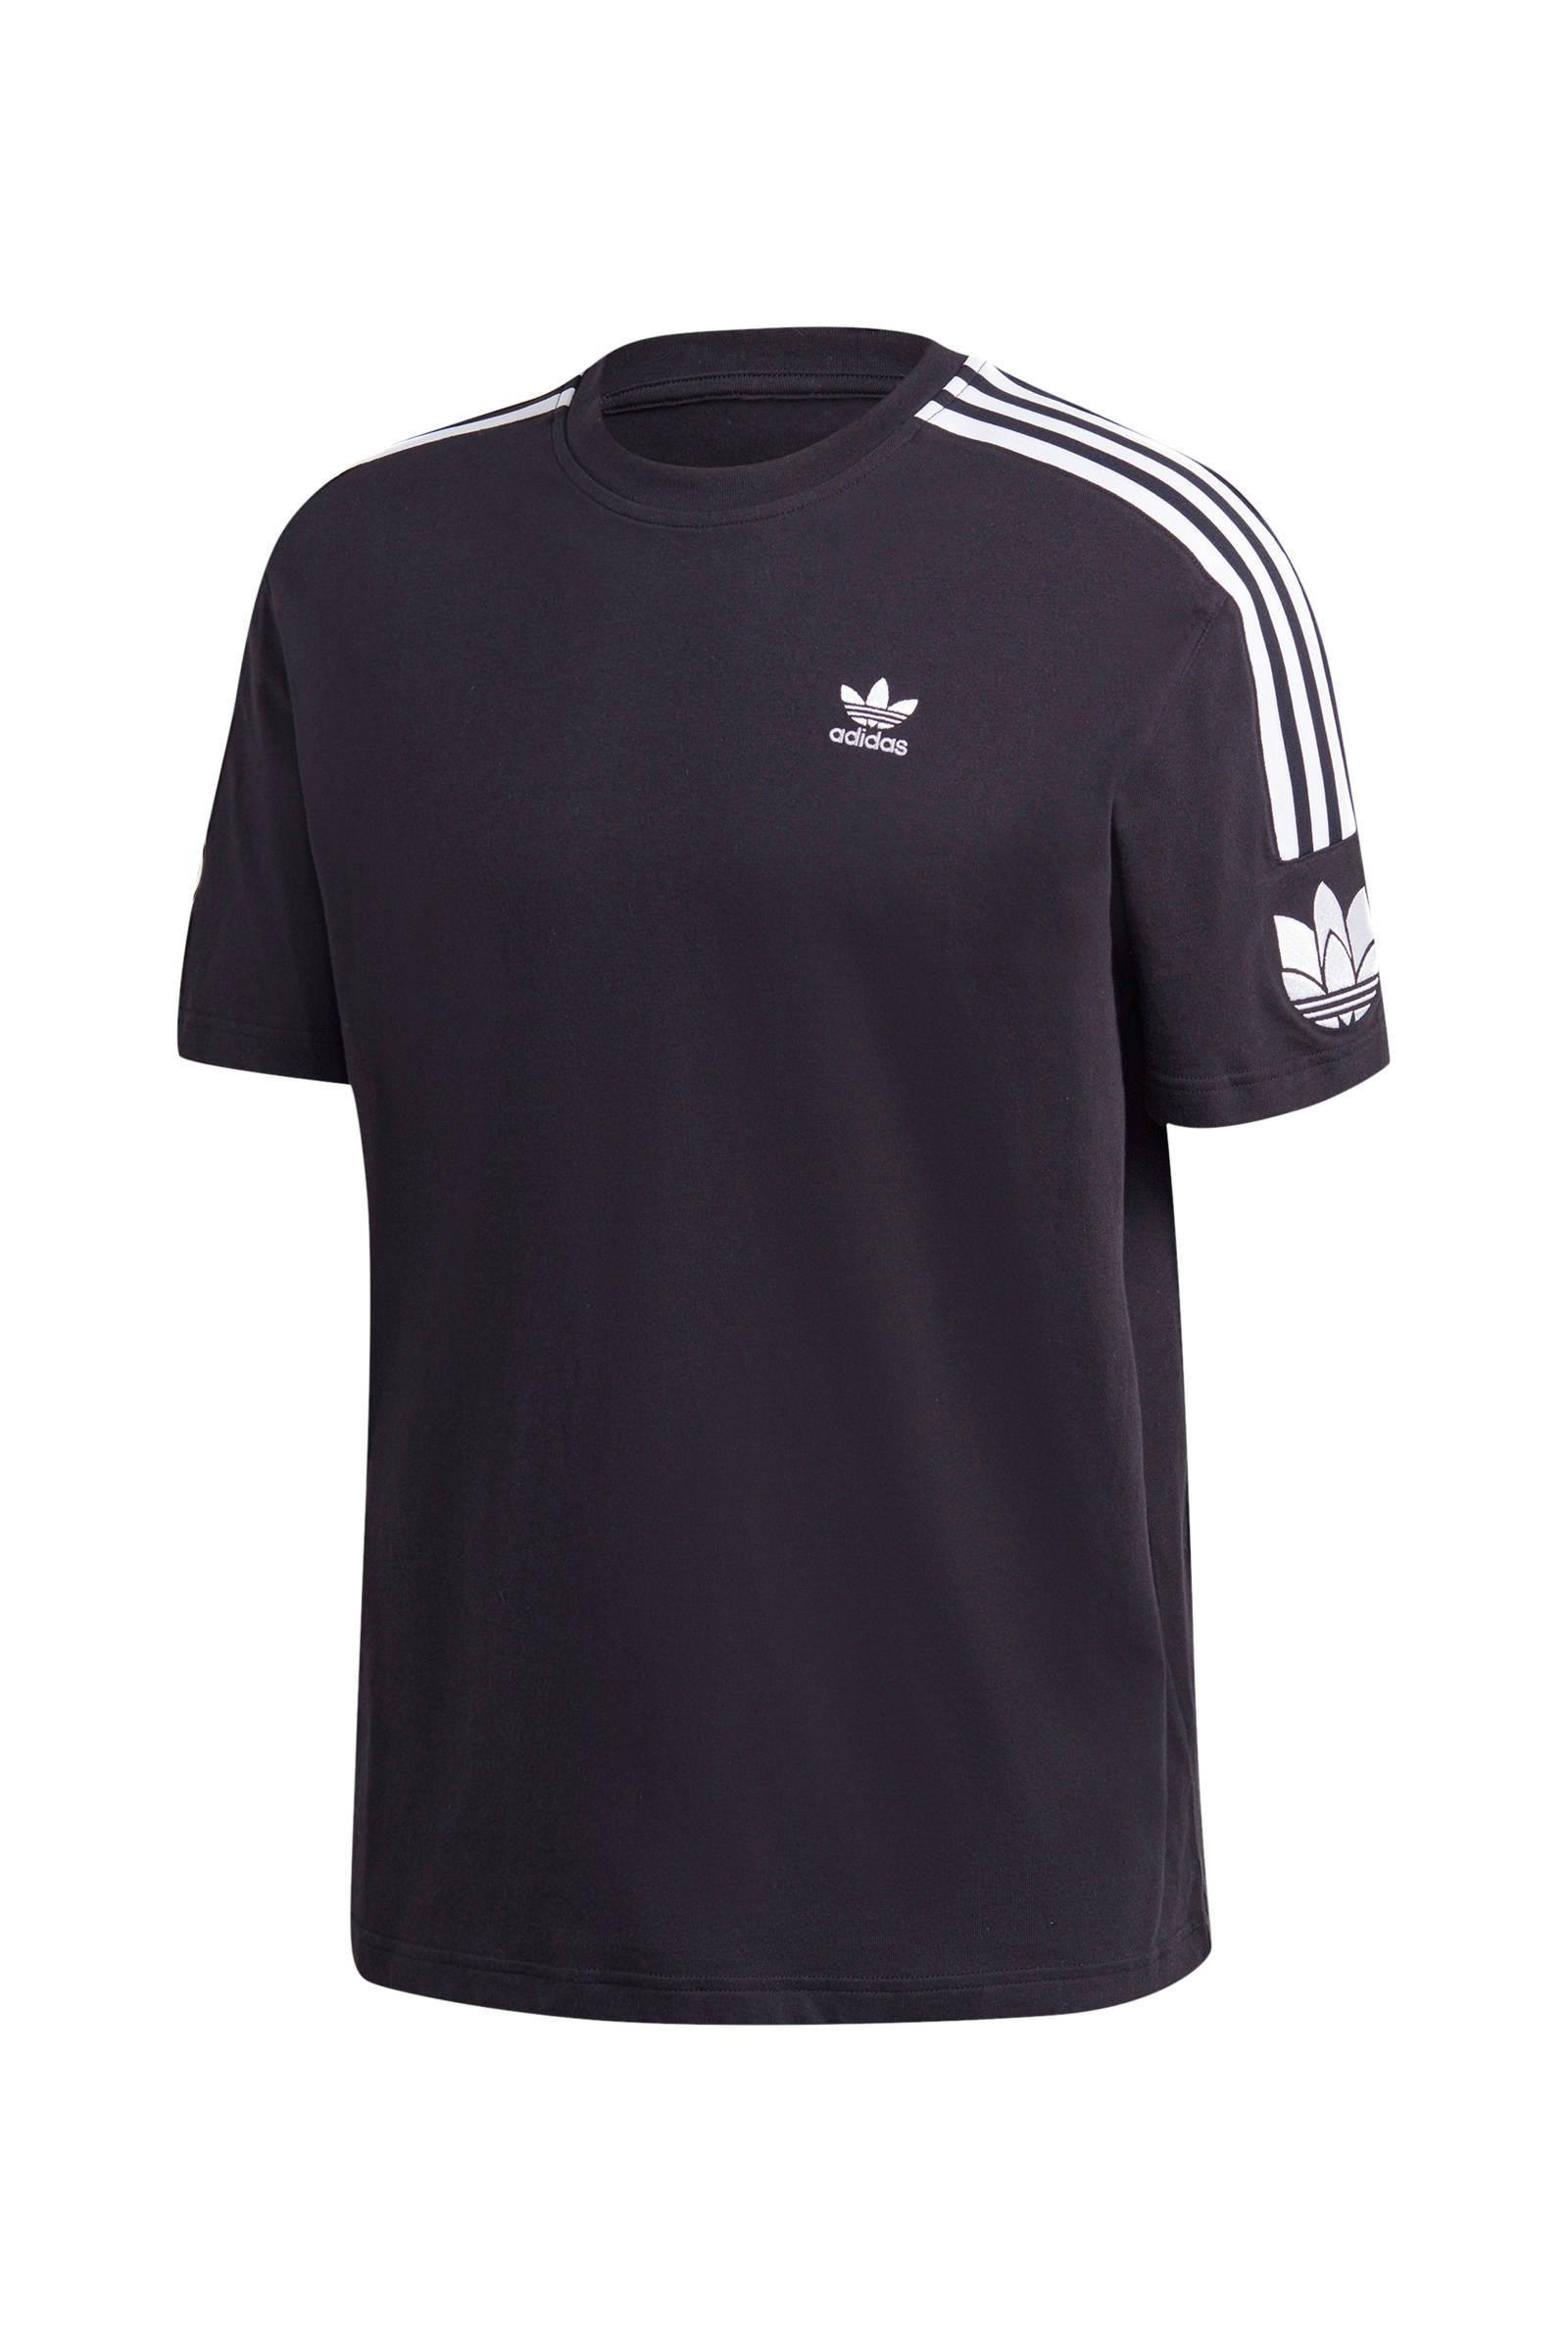 adidas heren T-shirts bij wehkamp - Gratis bezorging vanaf 20.-